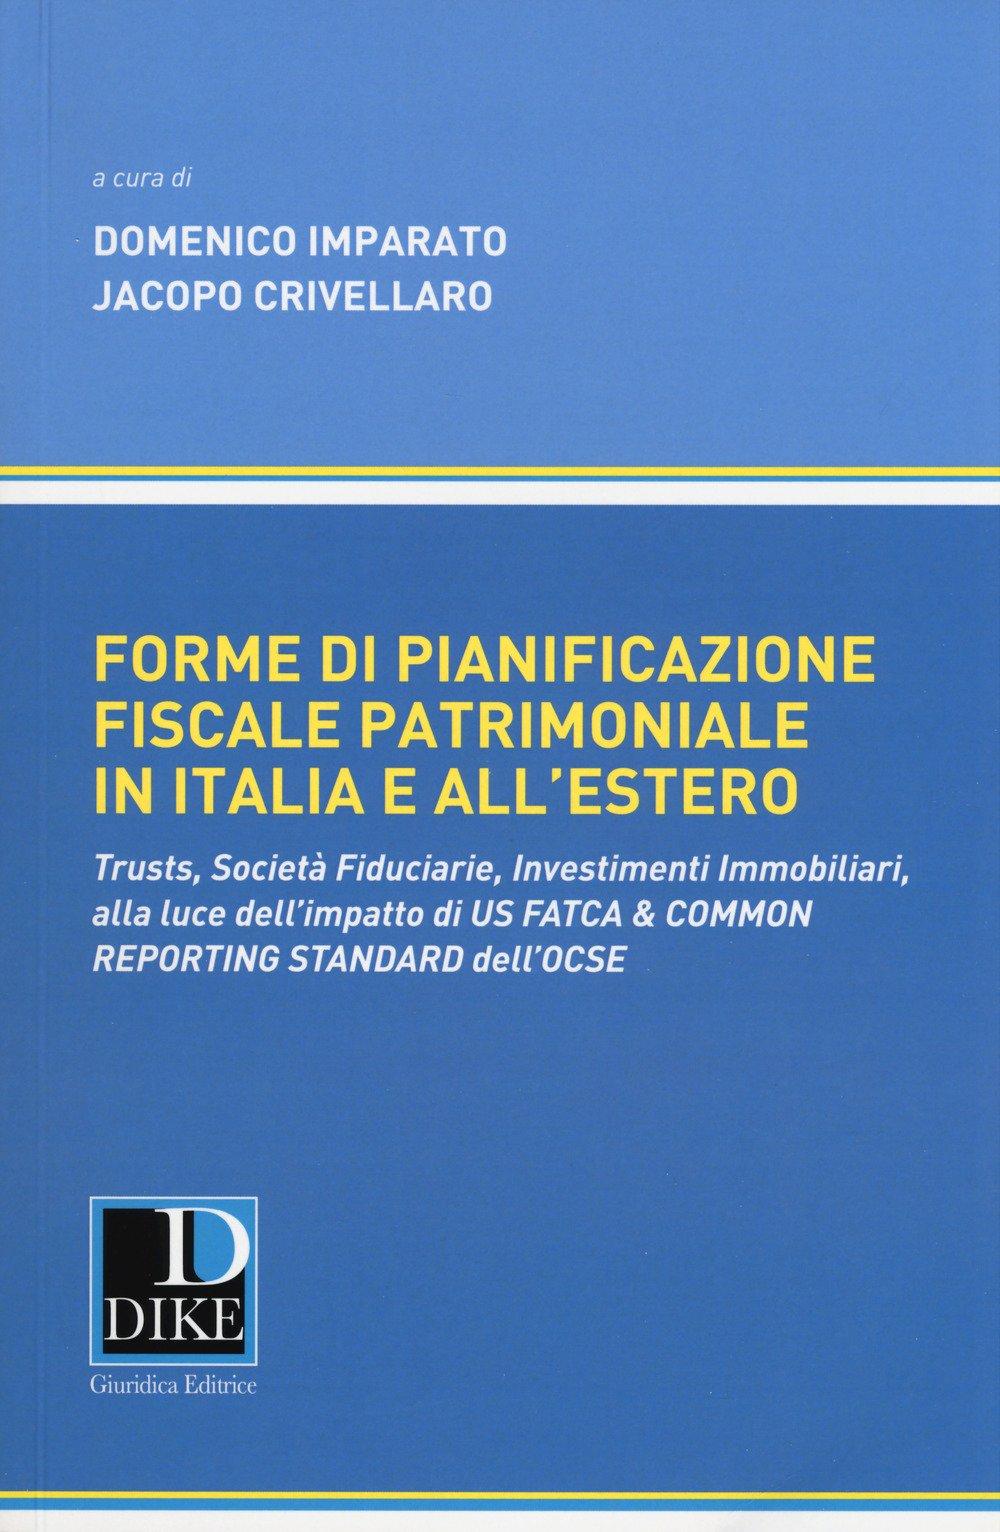 Forme di pianificazione fiscale patrimoniale in Italia e all'estero. Trusts, società fiduciarie, investimenti immobiliari, alla luce dell'impatto di